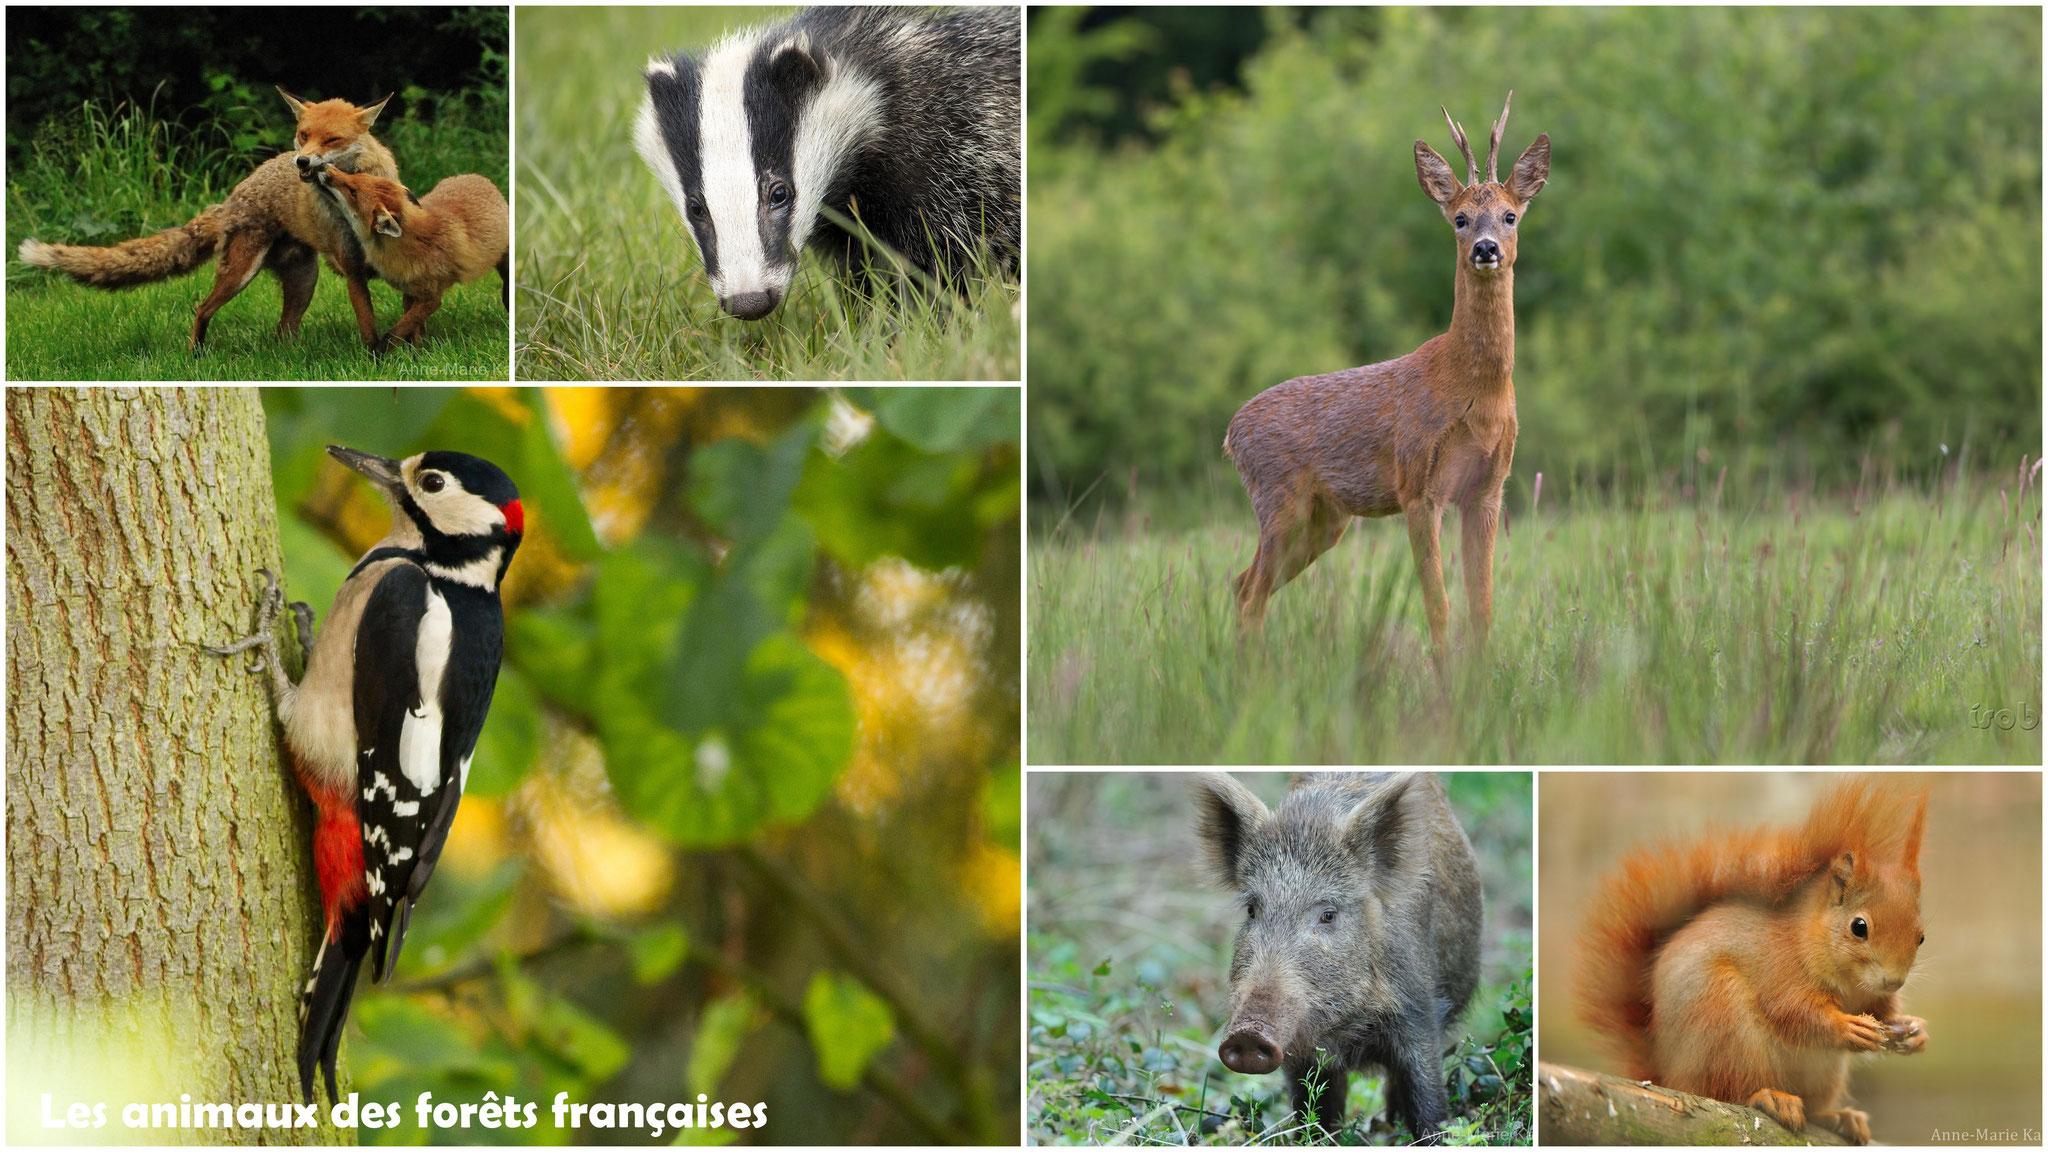 Les animaux des forêts françaises